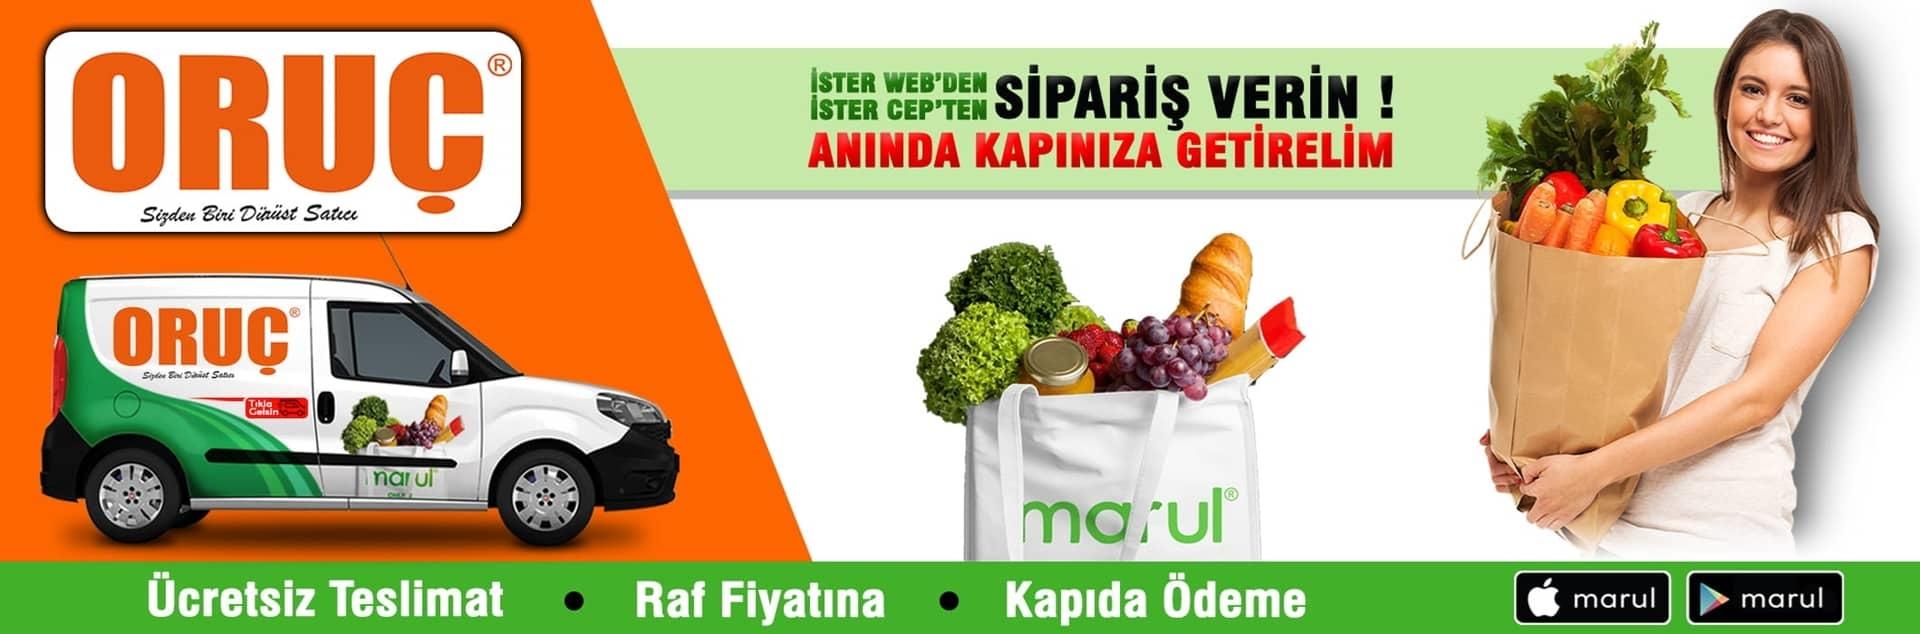 Oruç market online market siparişi ataşehir şubesi